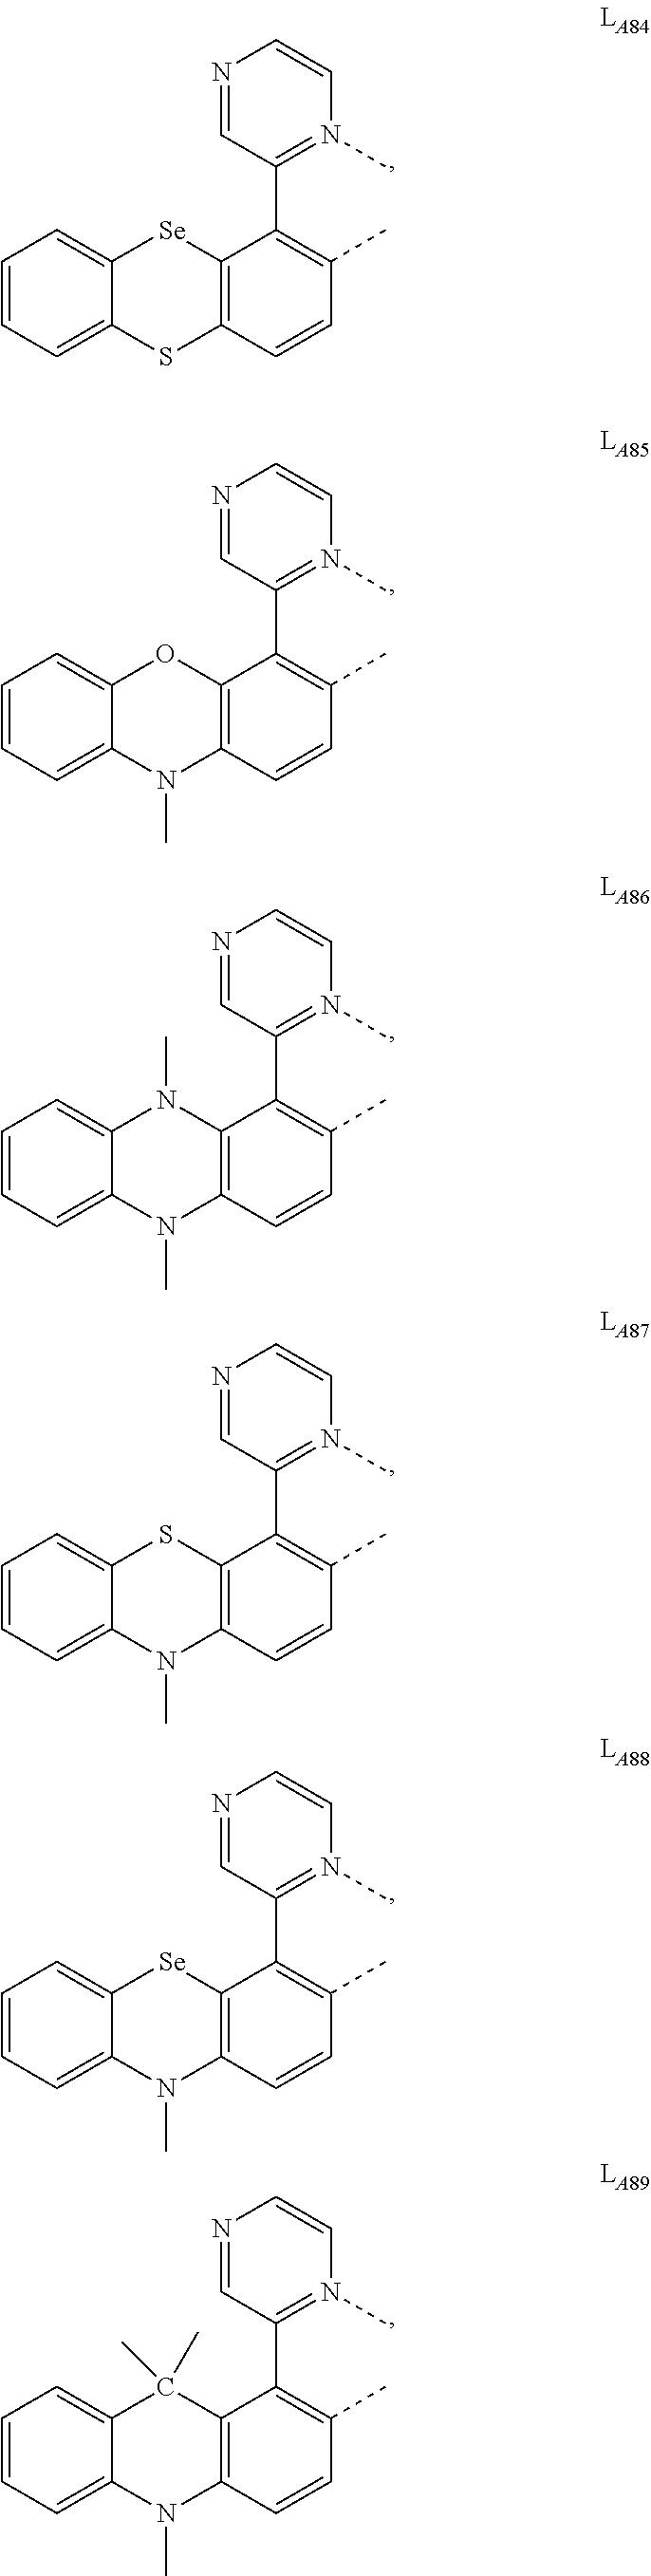 Figure US10153443-20181211-C00020